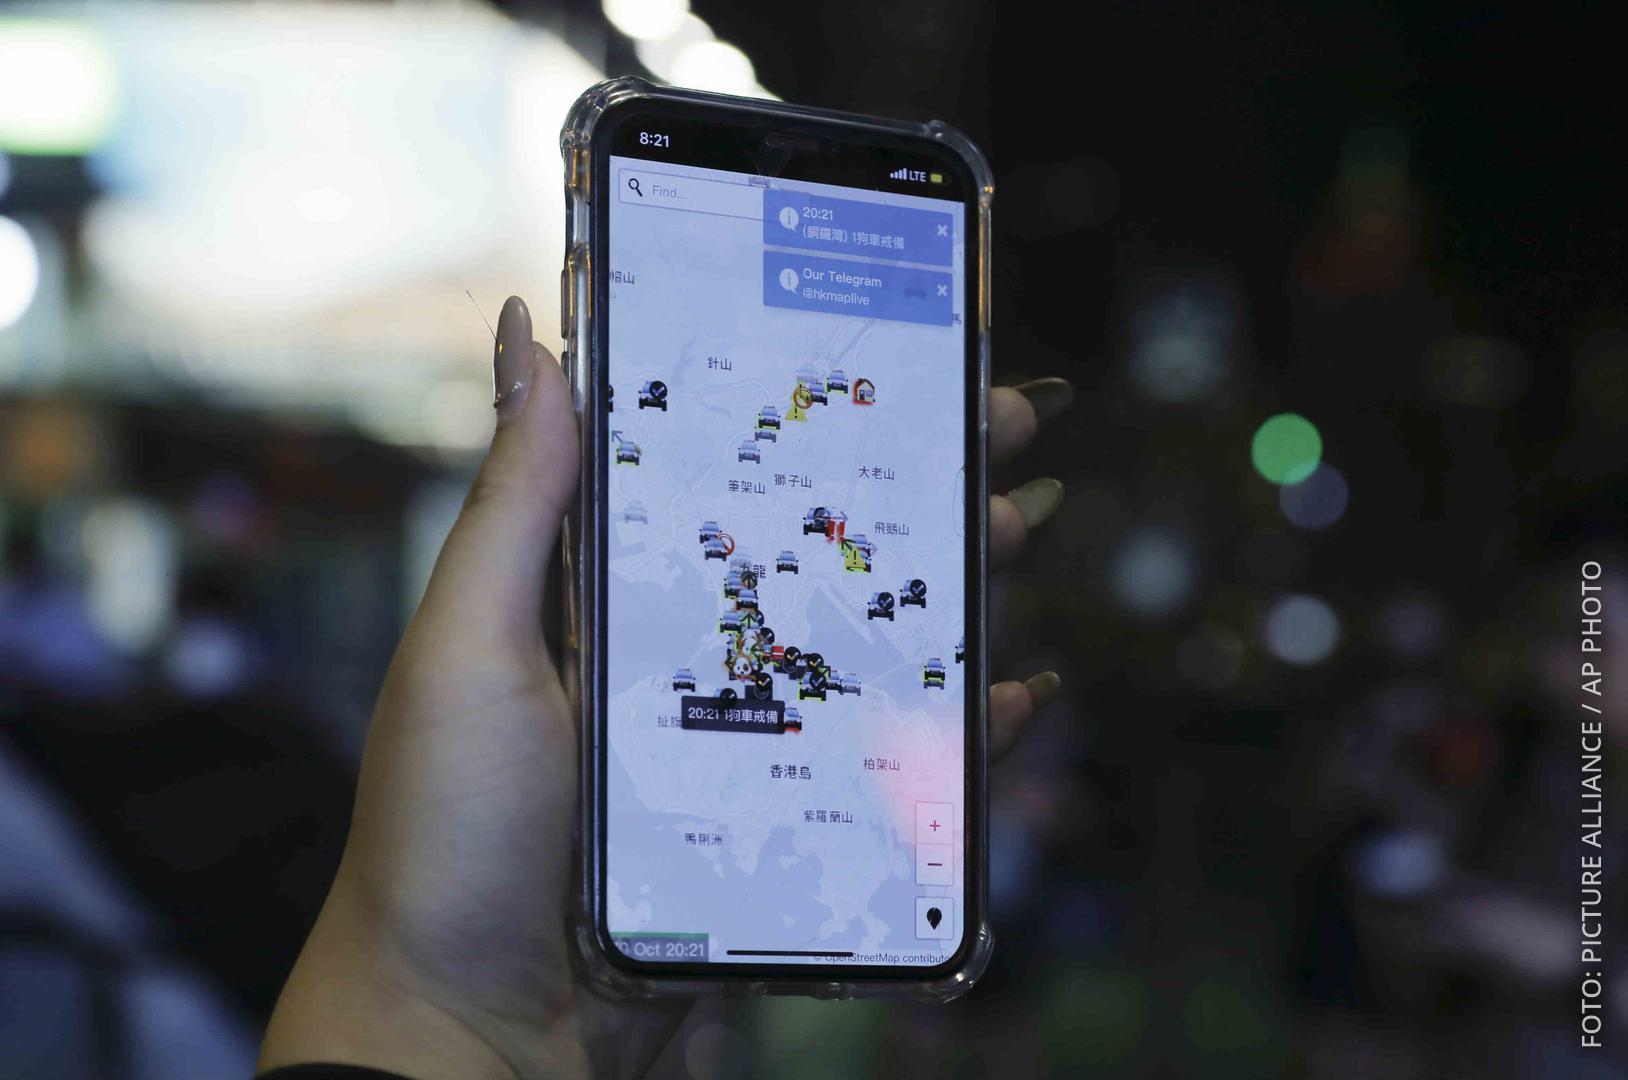 Ein Smartphone zeigt die Hongkong-App, die Apple gestrichen hat.